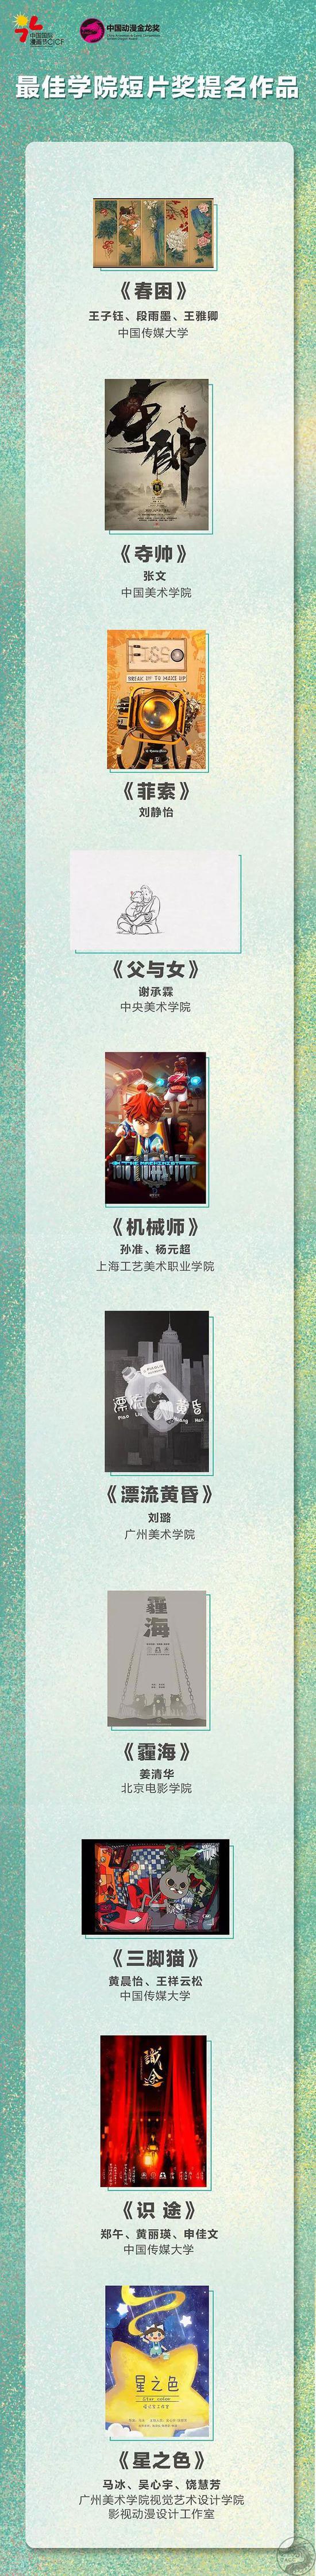 中国动漫金龙奖(CACC)最佳学院短片奖提名作品.jpg